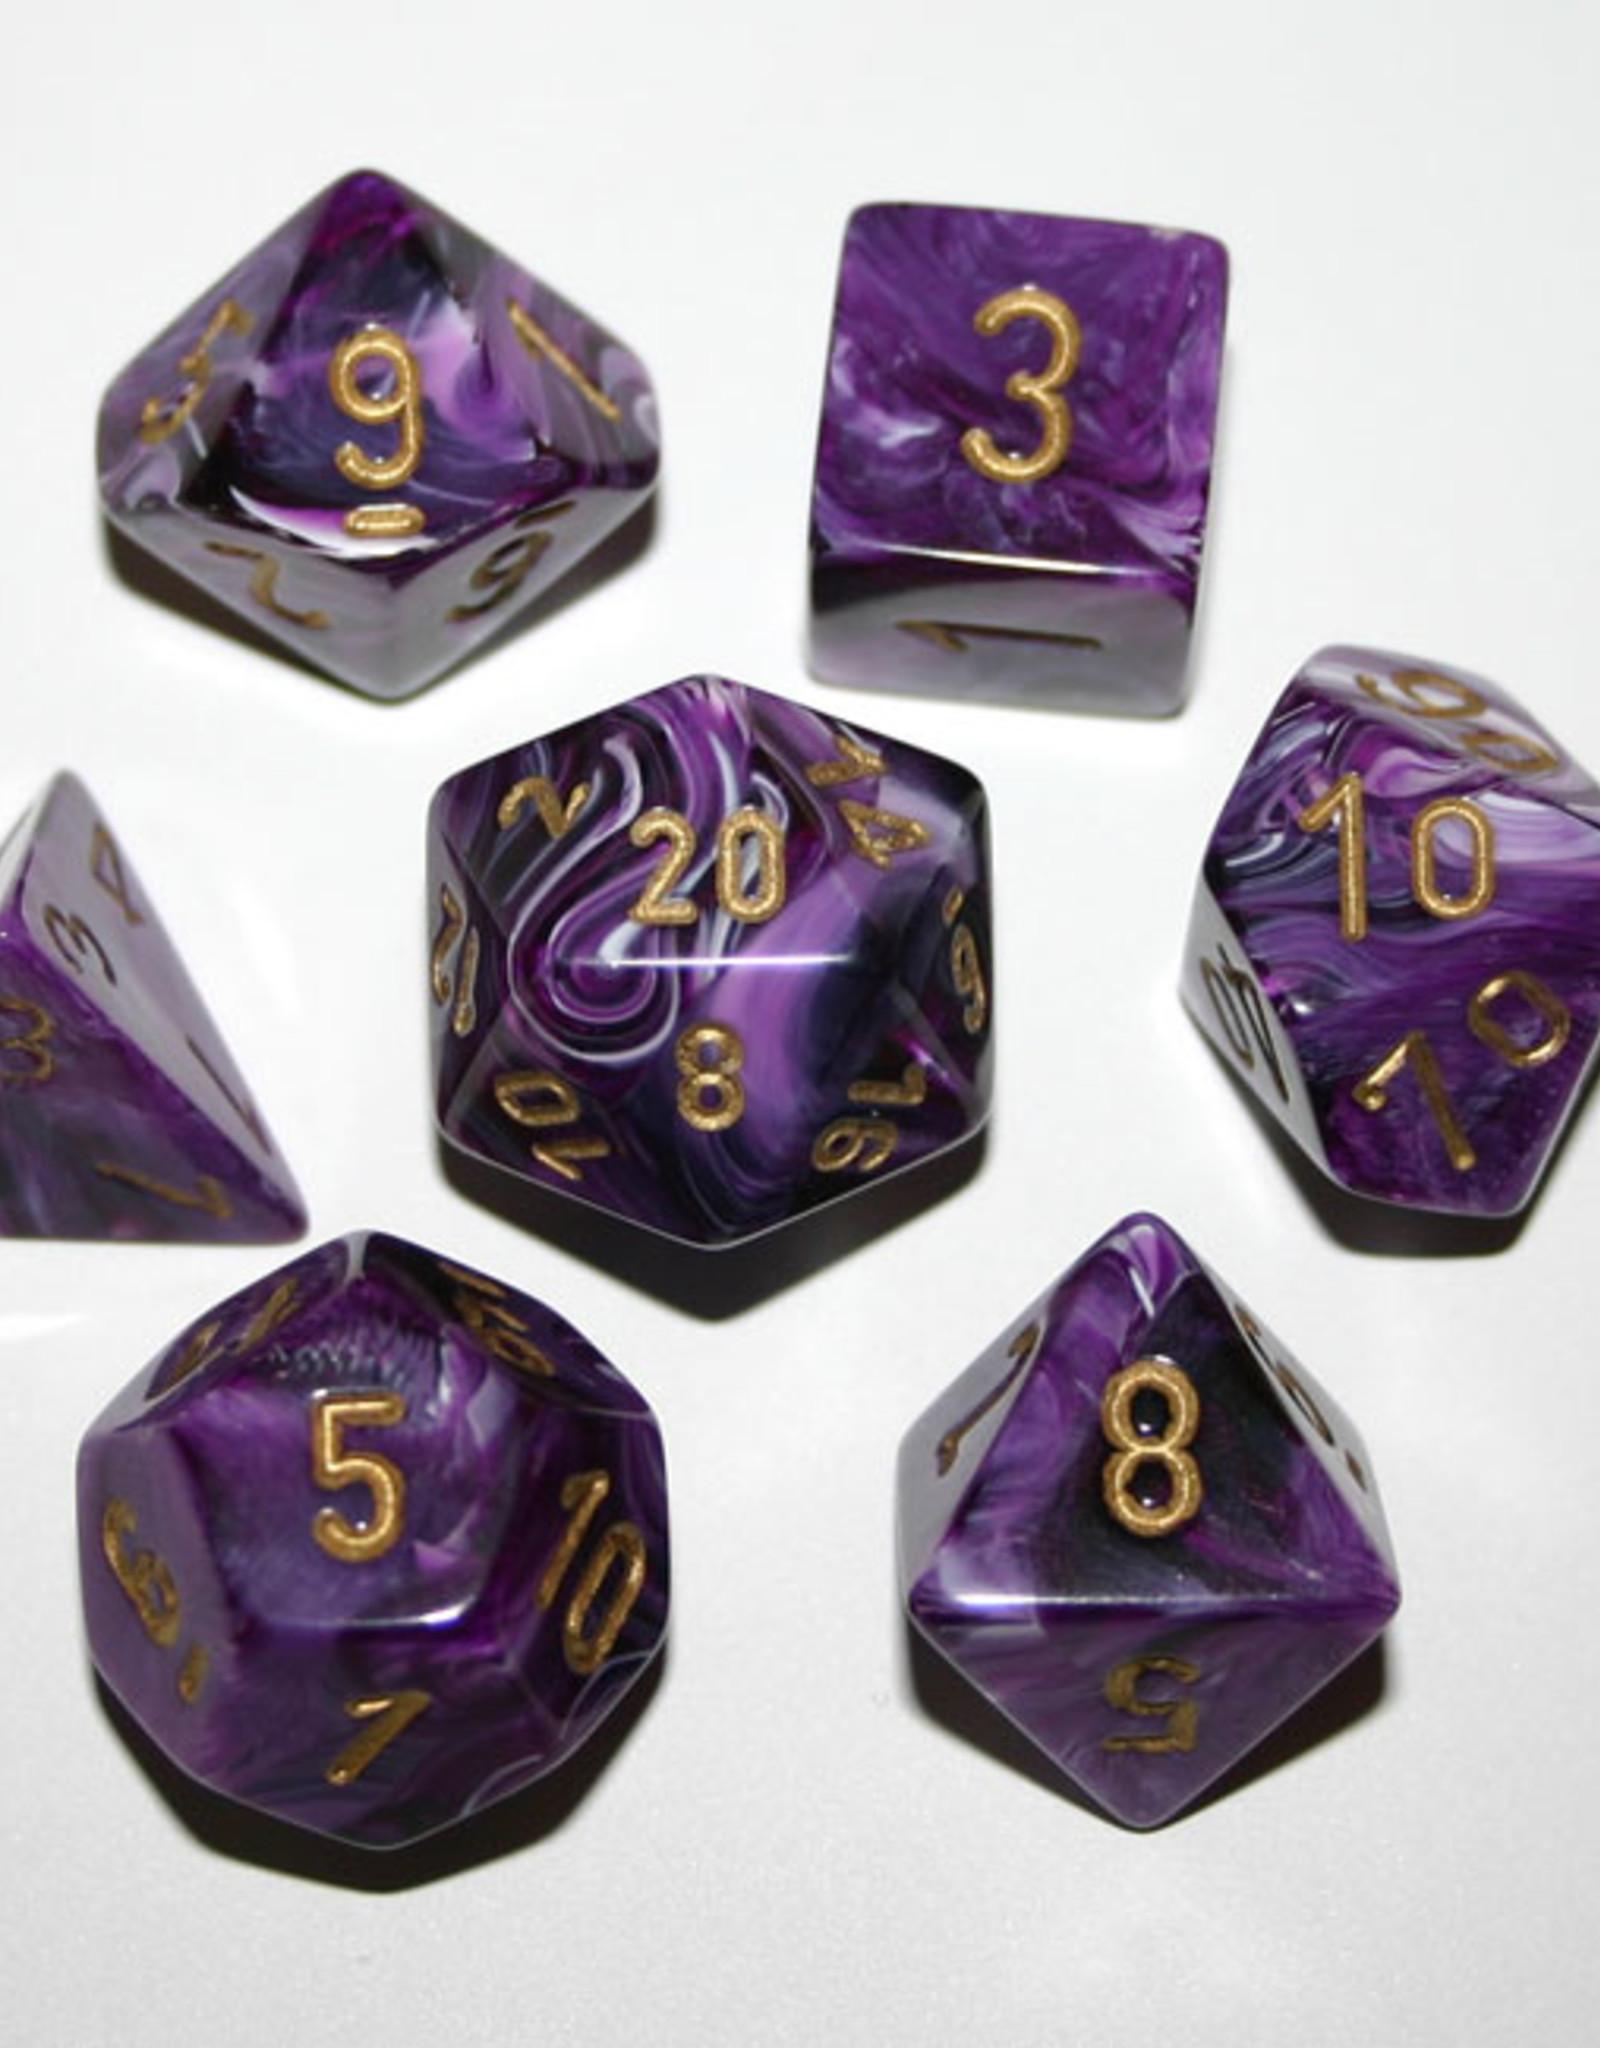 Chessex Chessex 7-Die set Vortex - Purple/Gold